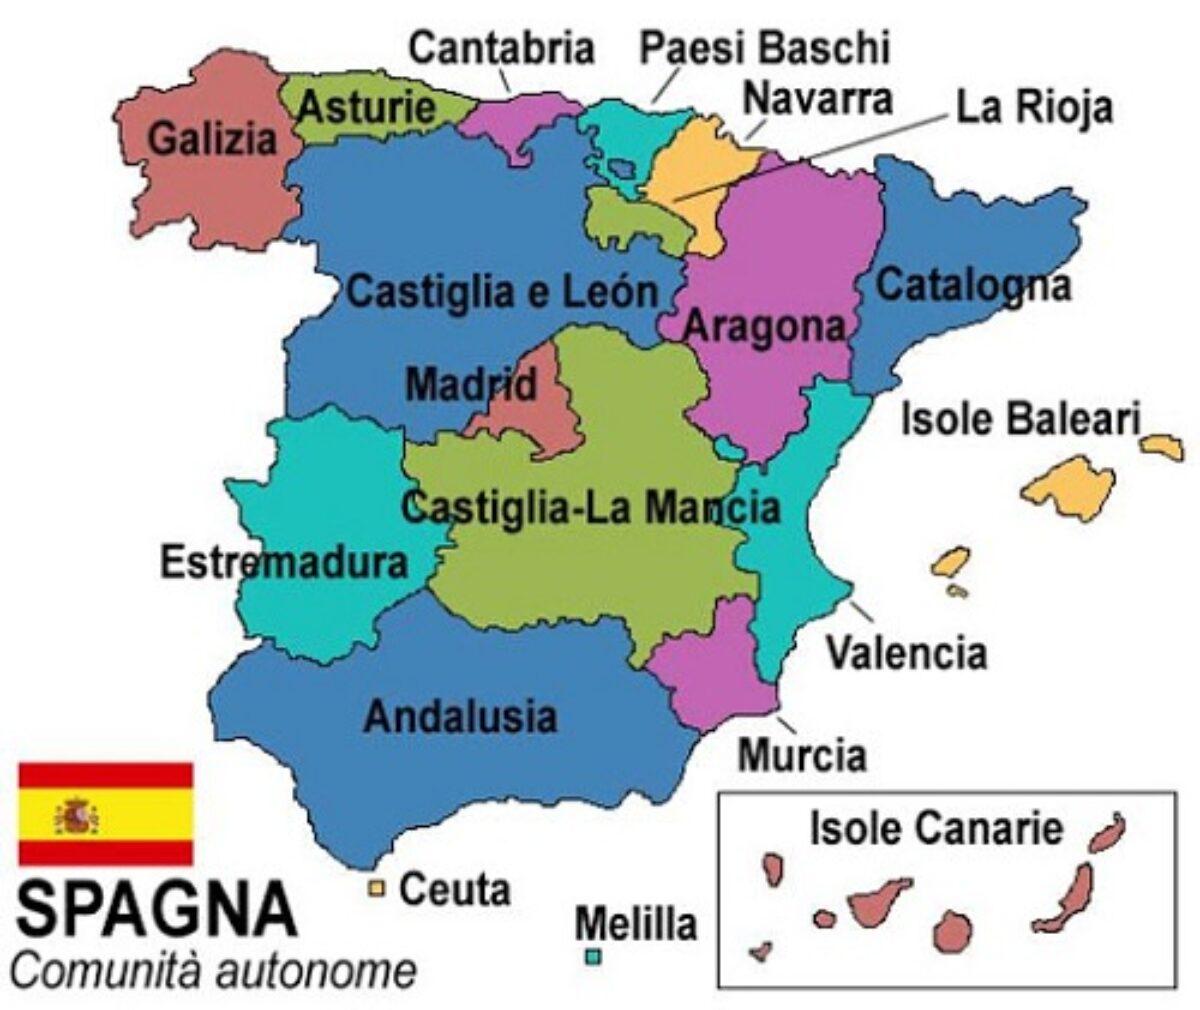 Spagna E Isole Baleari Cartina.Spagna In Quali Giorni Si Puo Viaggiare Tra Le Regioni A Natale Vivilecanarie